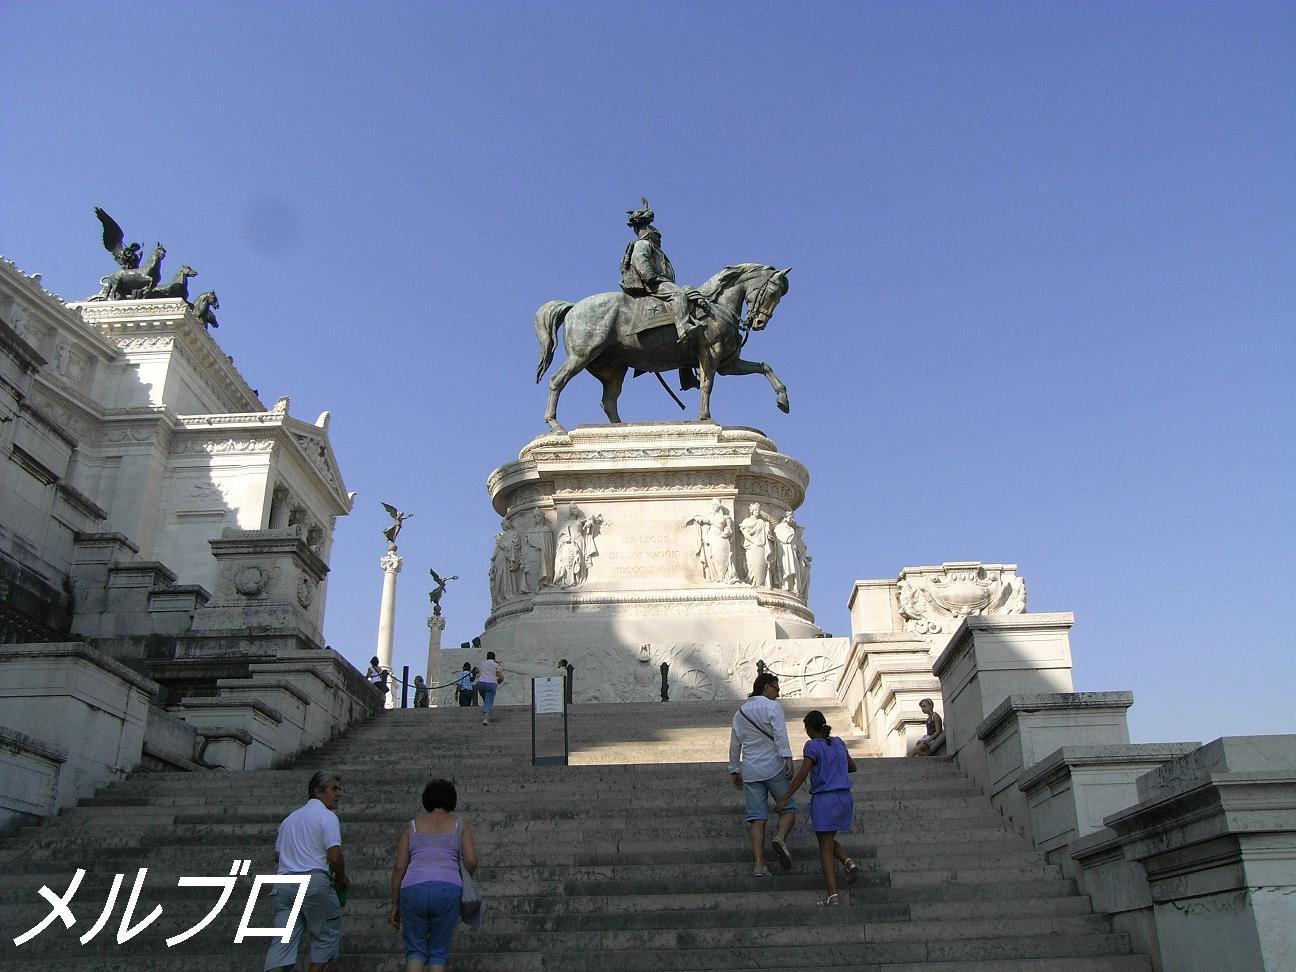 ヴィットリオ・エマヌエーレ2世